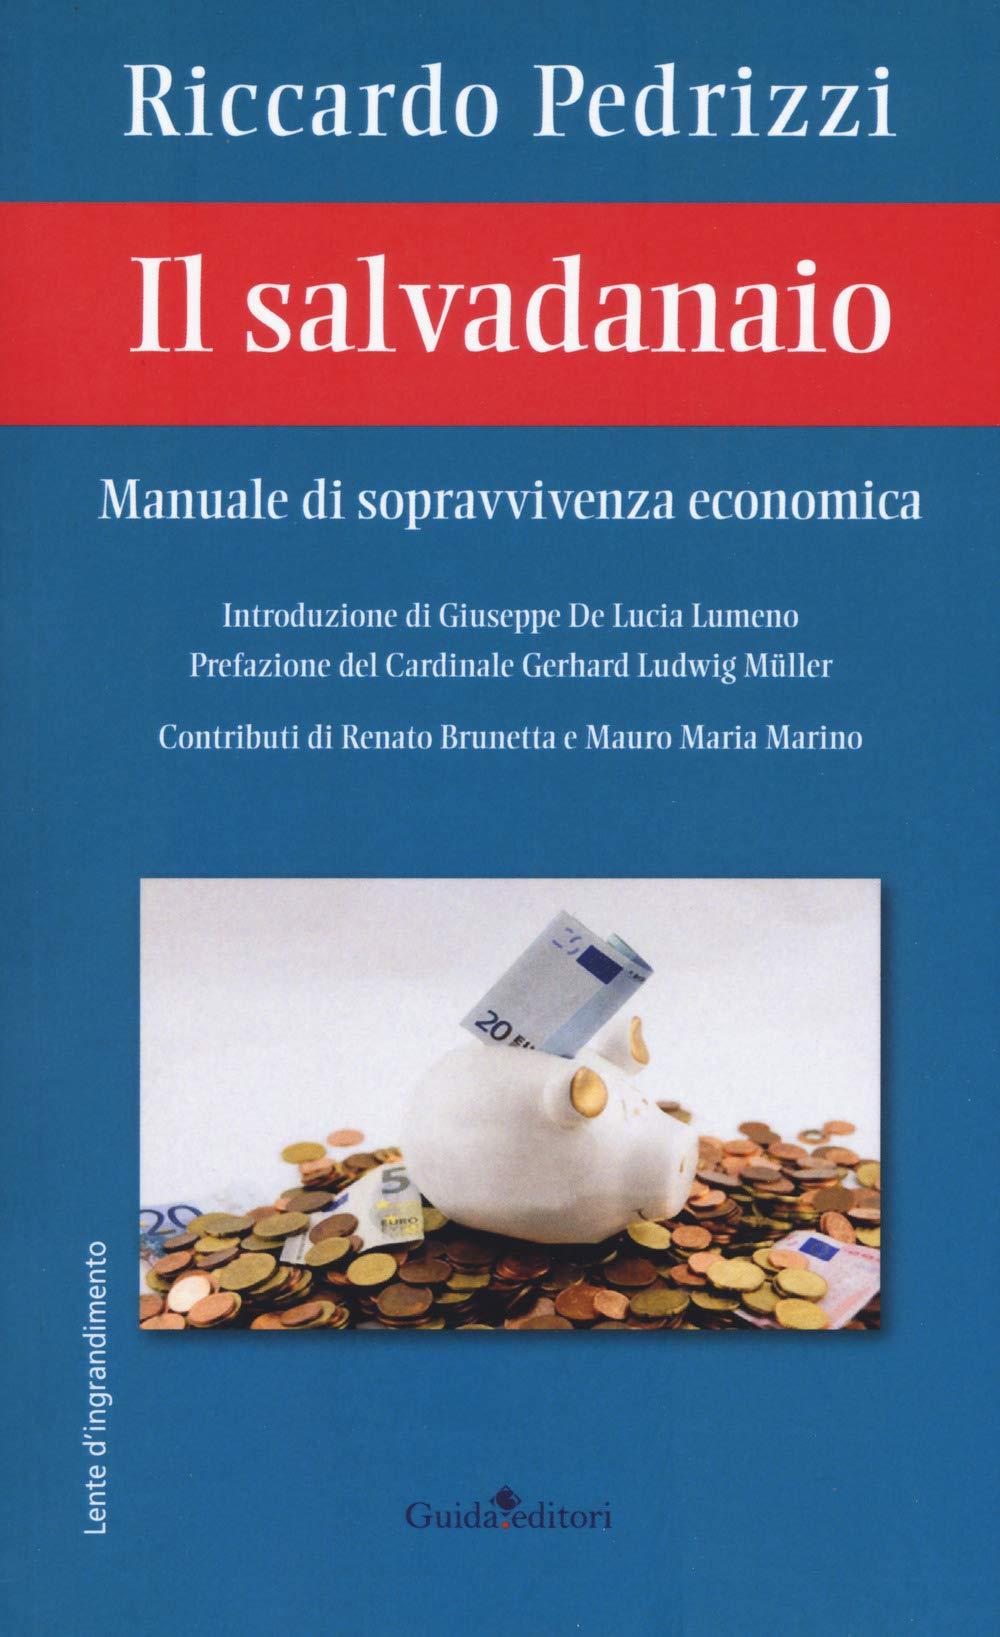 """""""Il salvadanaio"""" di Riccardo Pedrizzi. Per un'economia partecipativa e solidale – di Mario Bozzi Sentieri"""